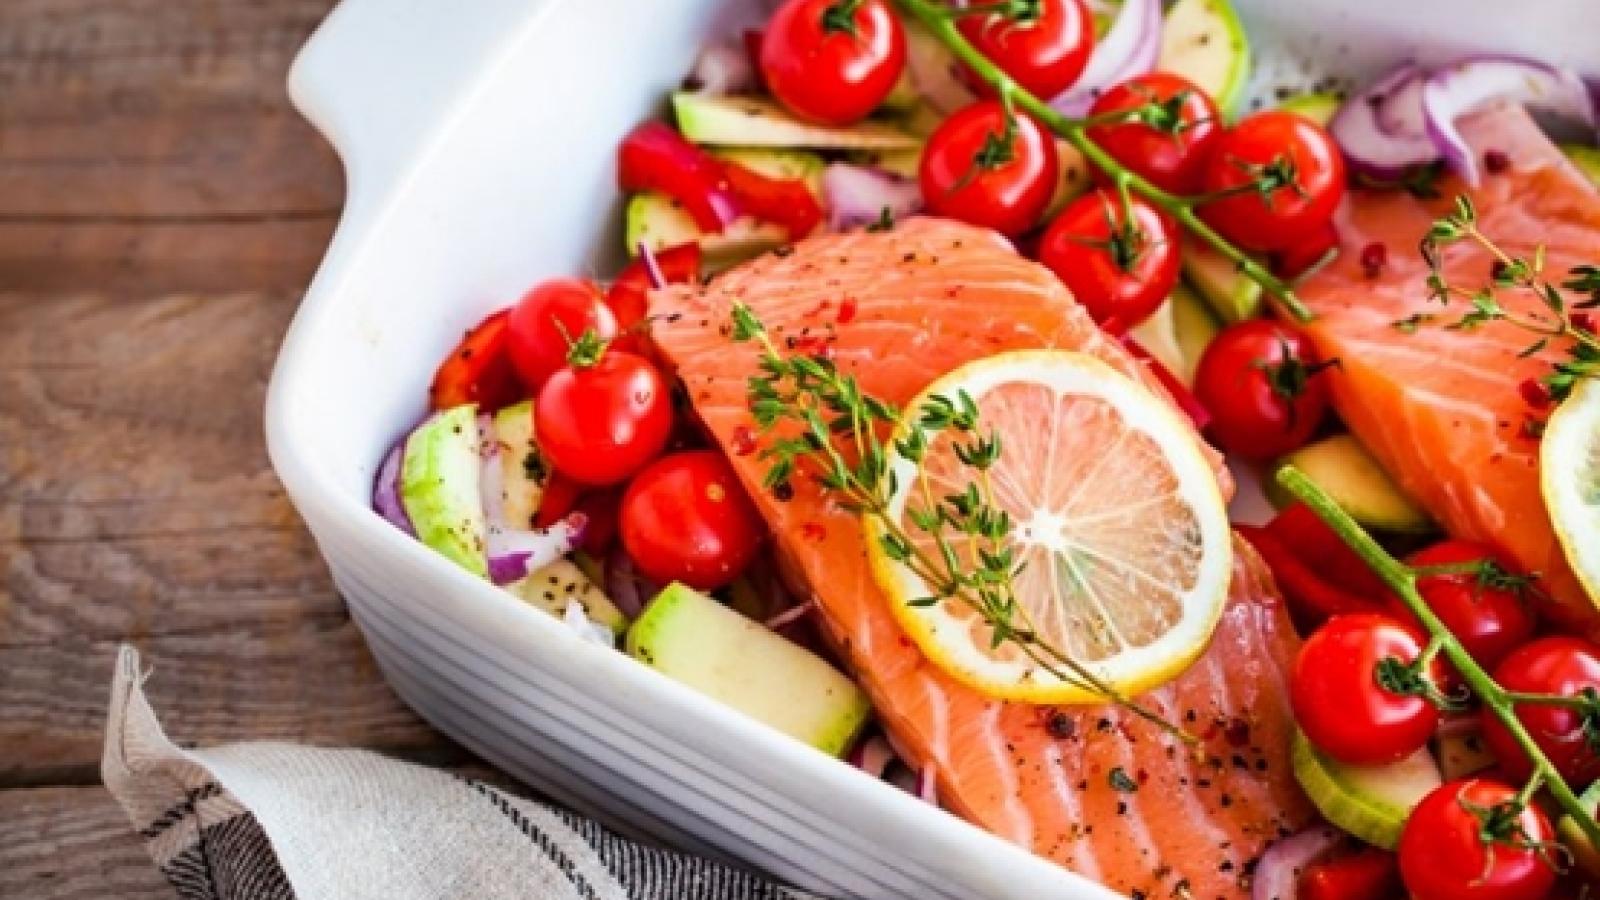 Chế độ ăn giúp bạn giảm cân, giảm mỡ bụng và bảo vệ tim mạch